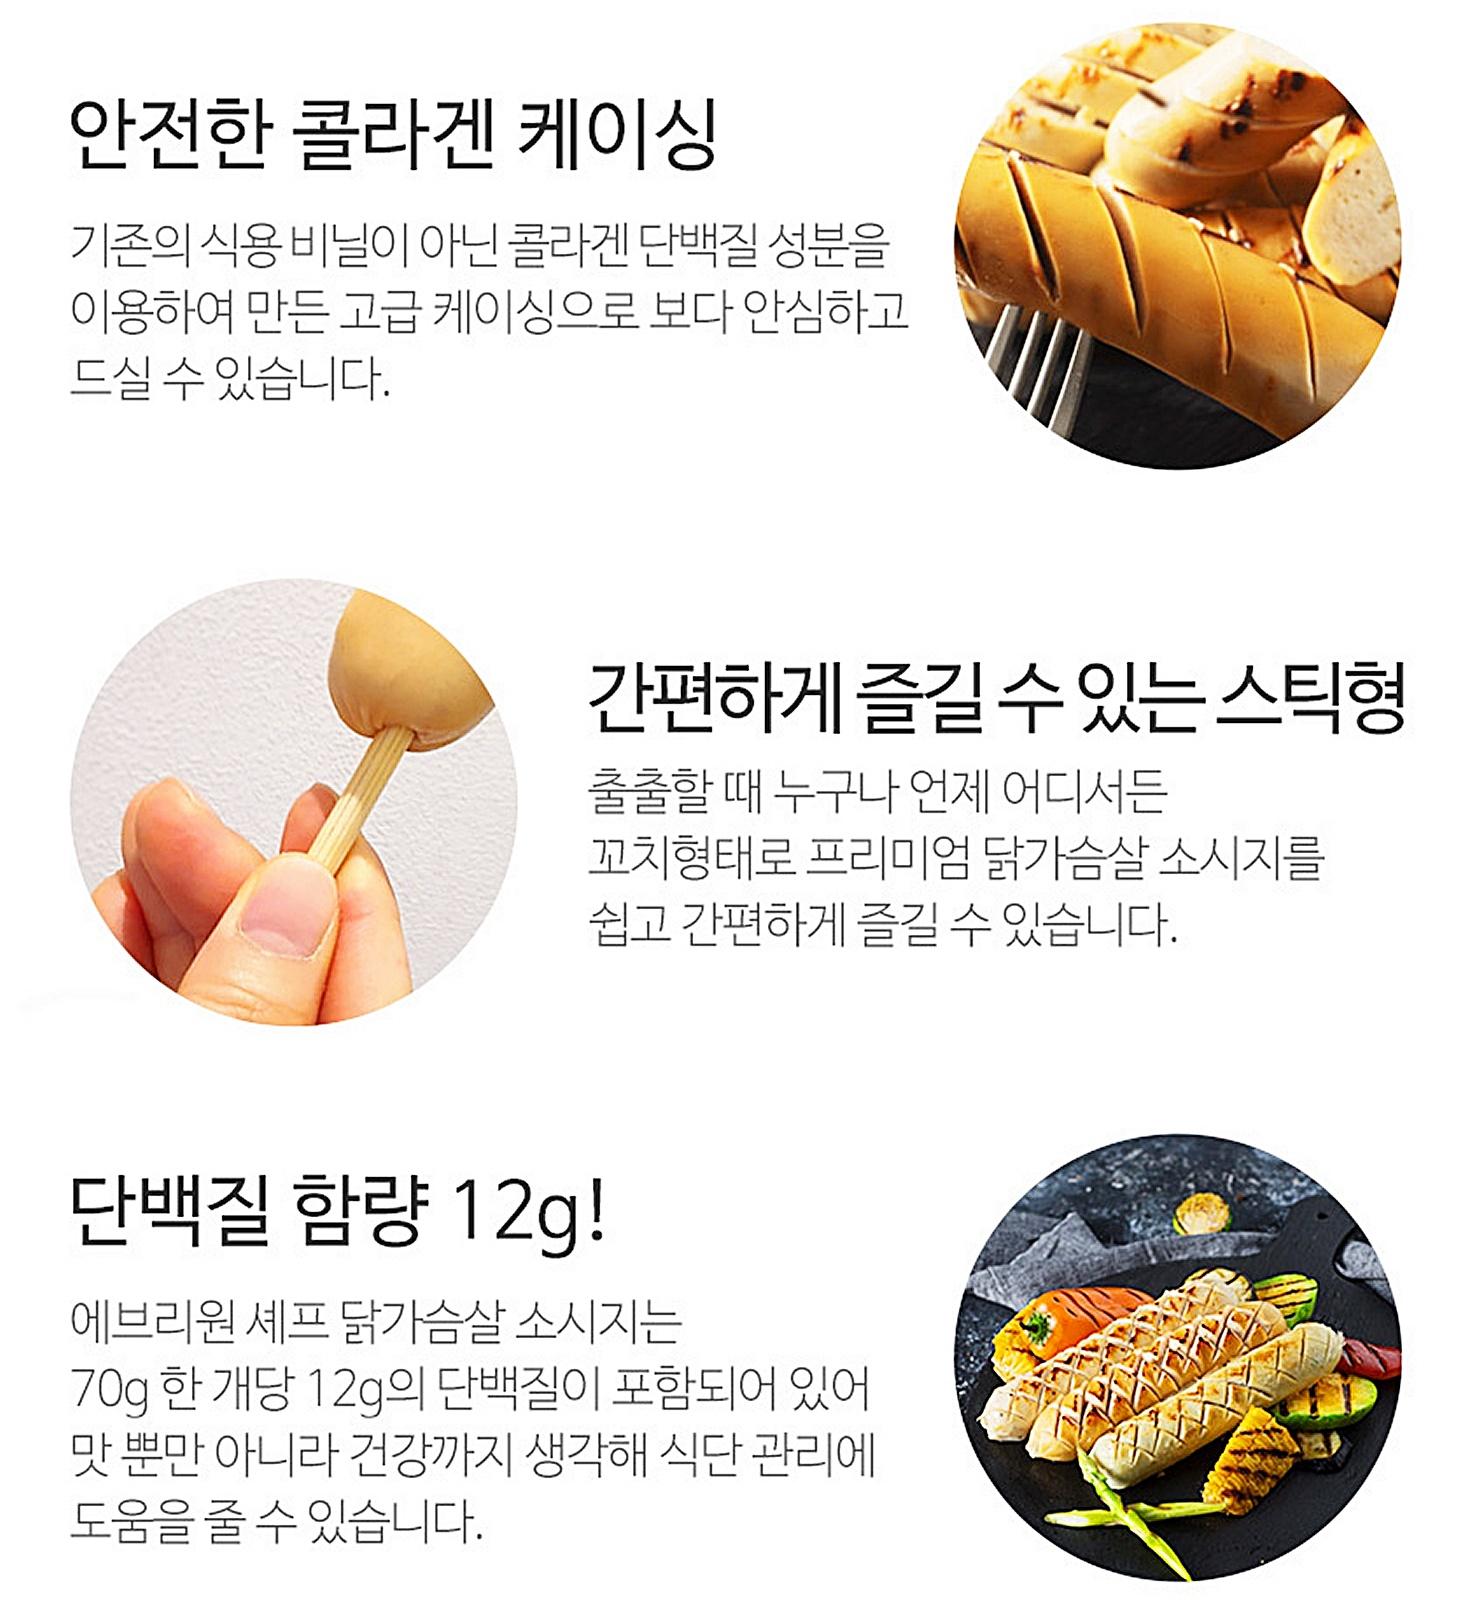 닭가슴살 소시지 특징